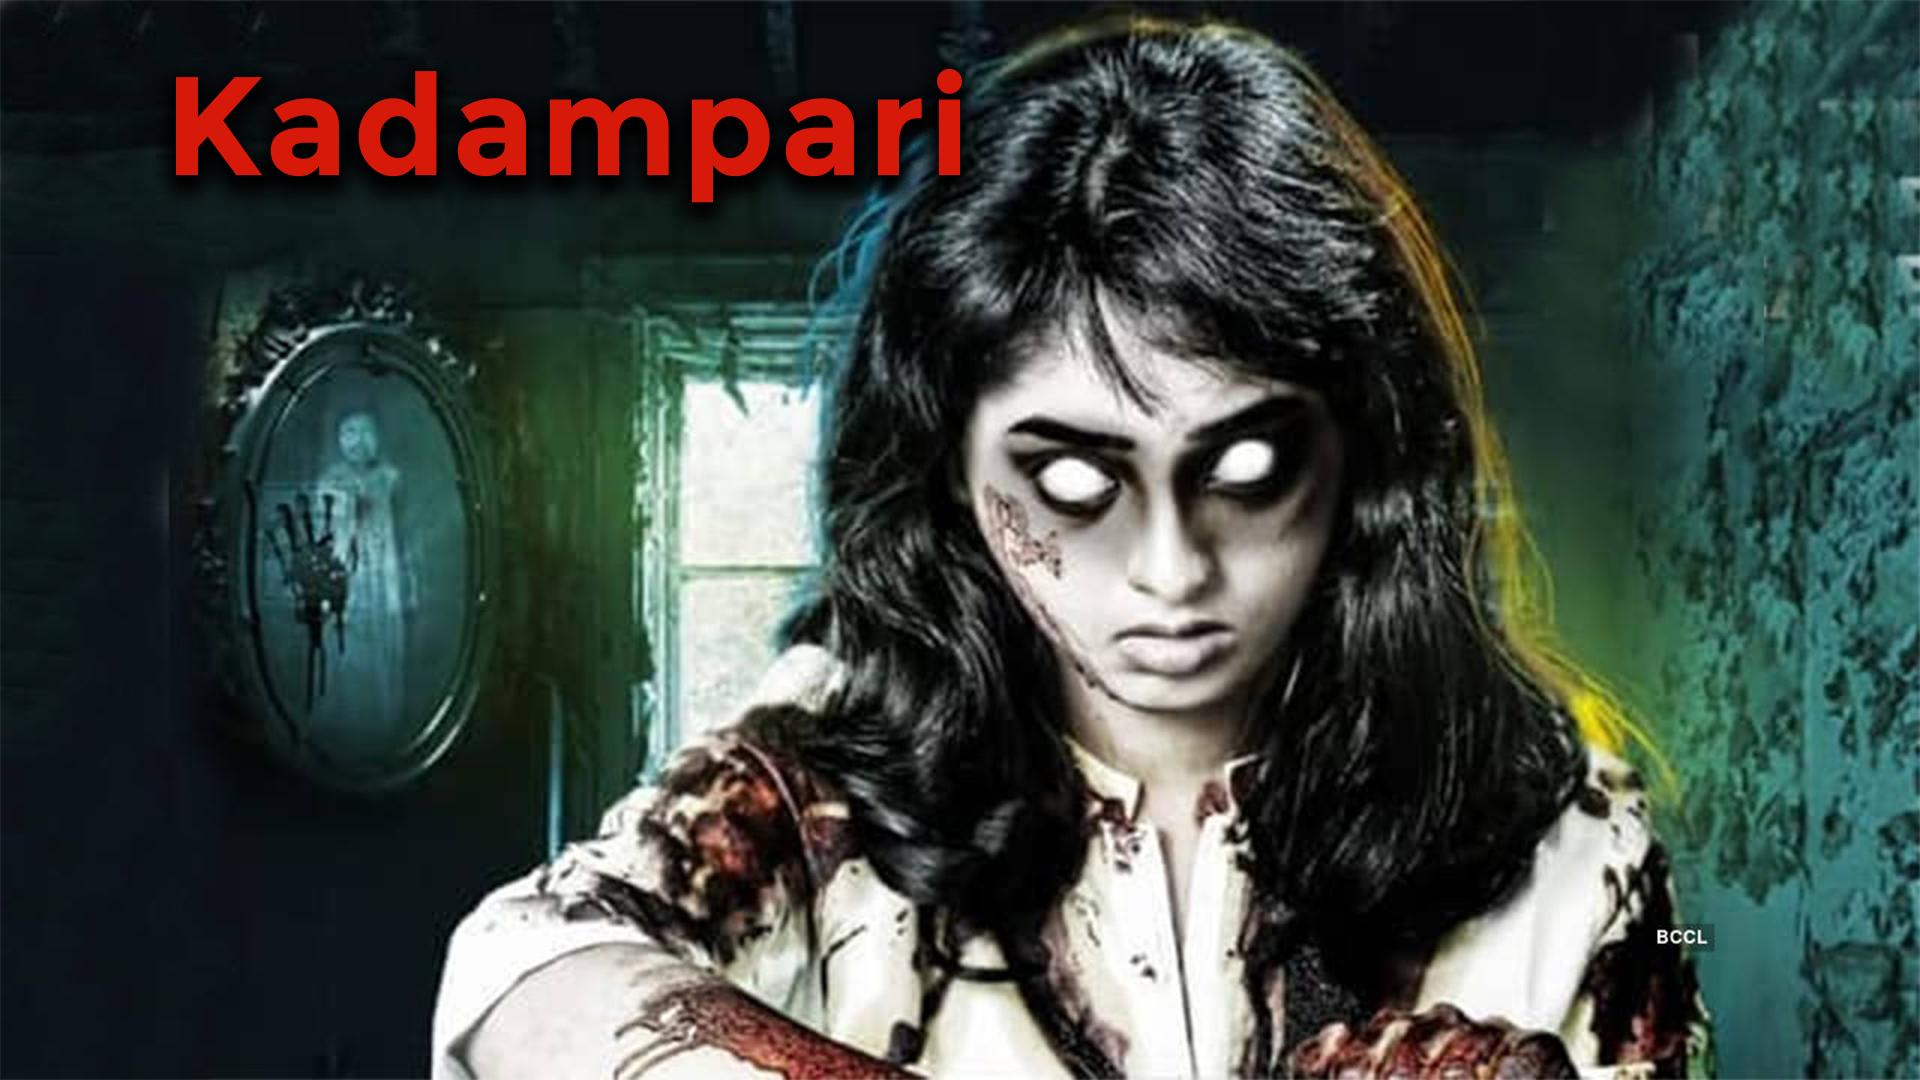 Kadampari